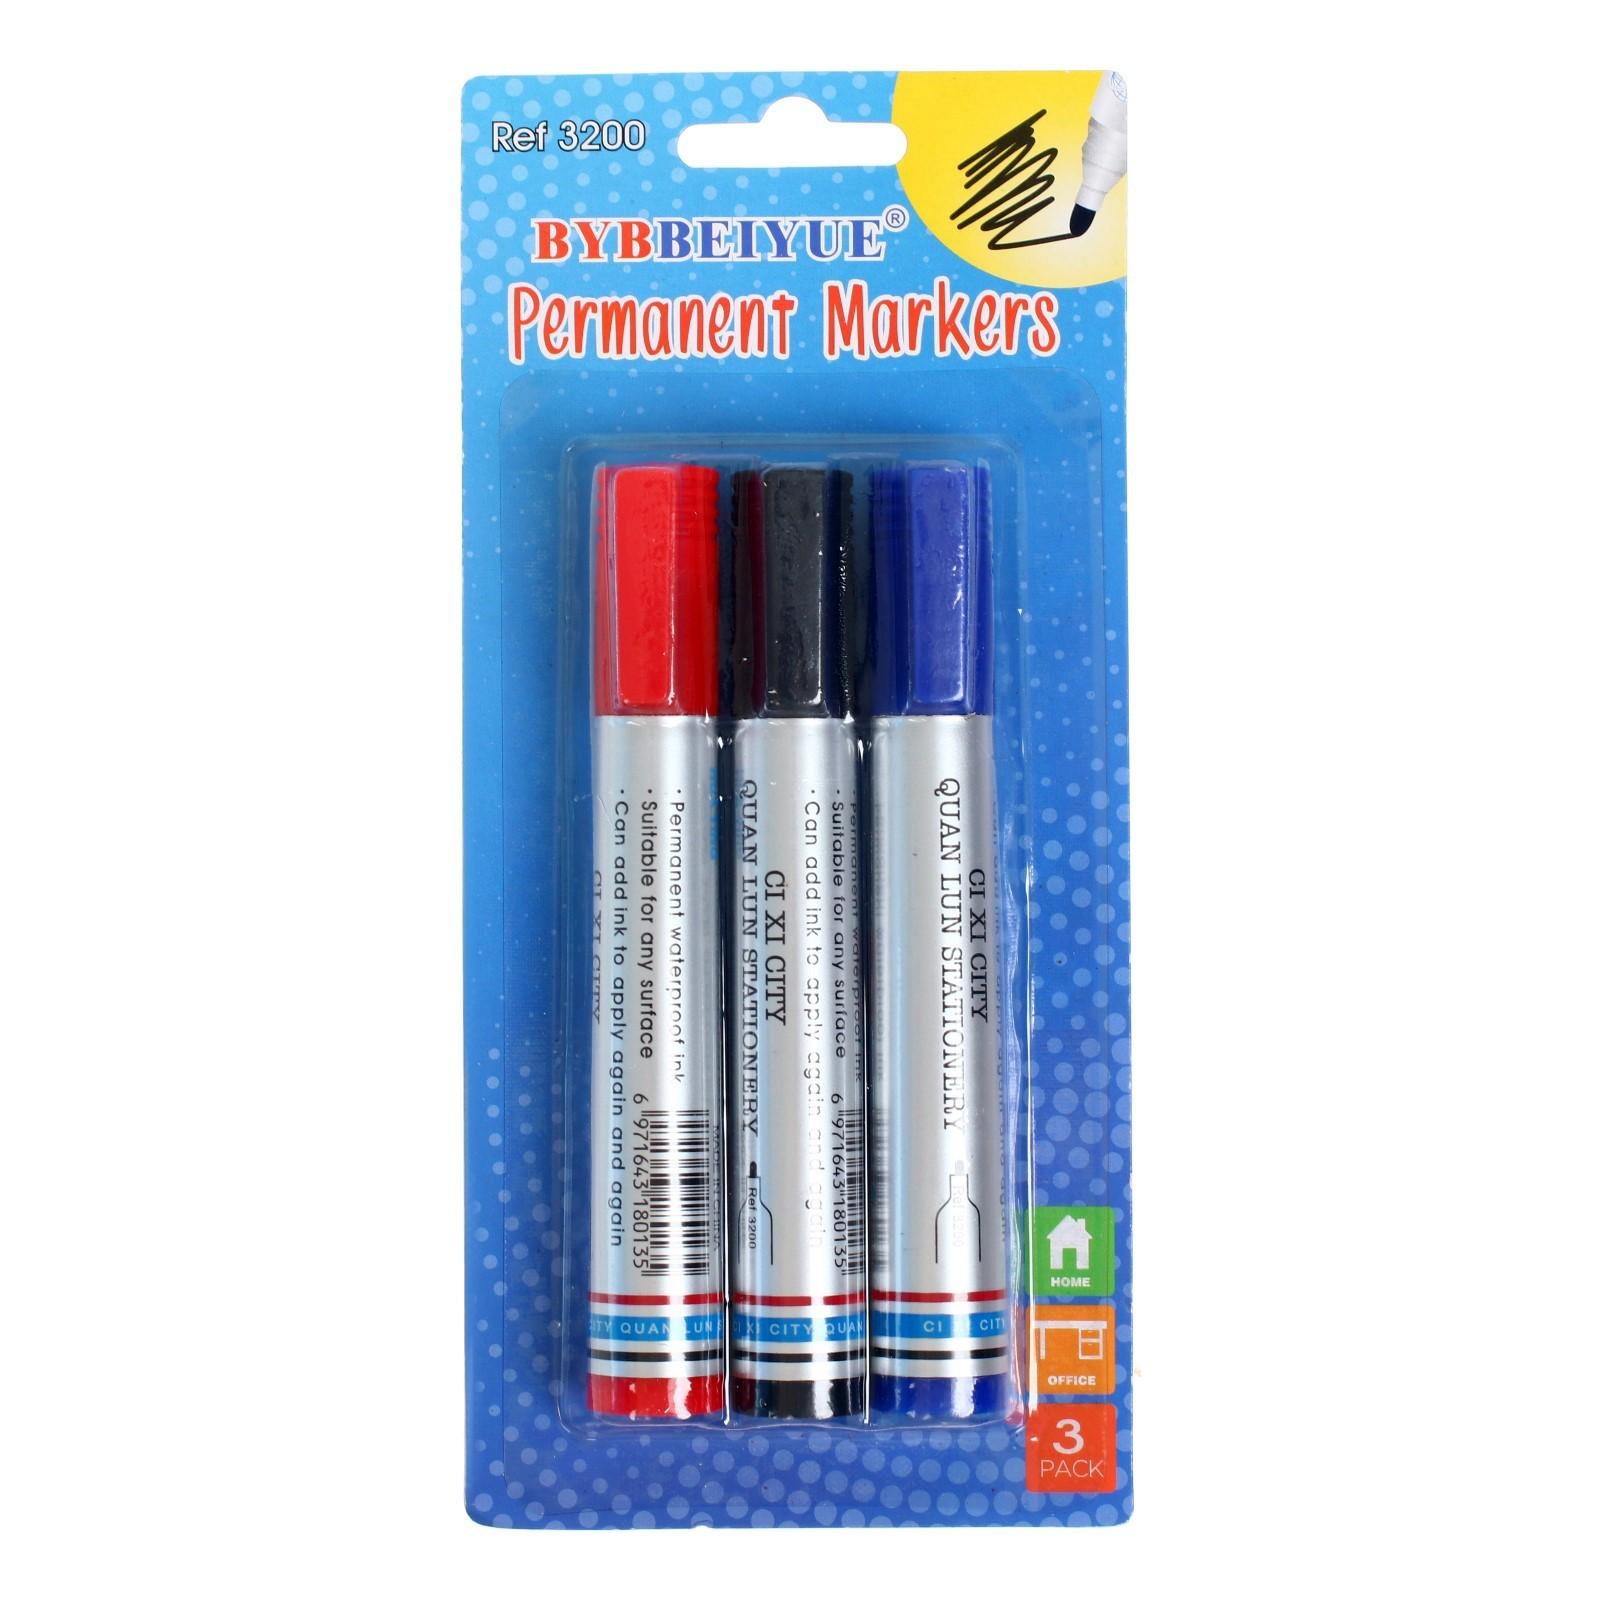 Набор пермаментных маркеров, 3 цвета: синий, красный, чёрный